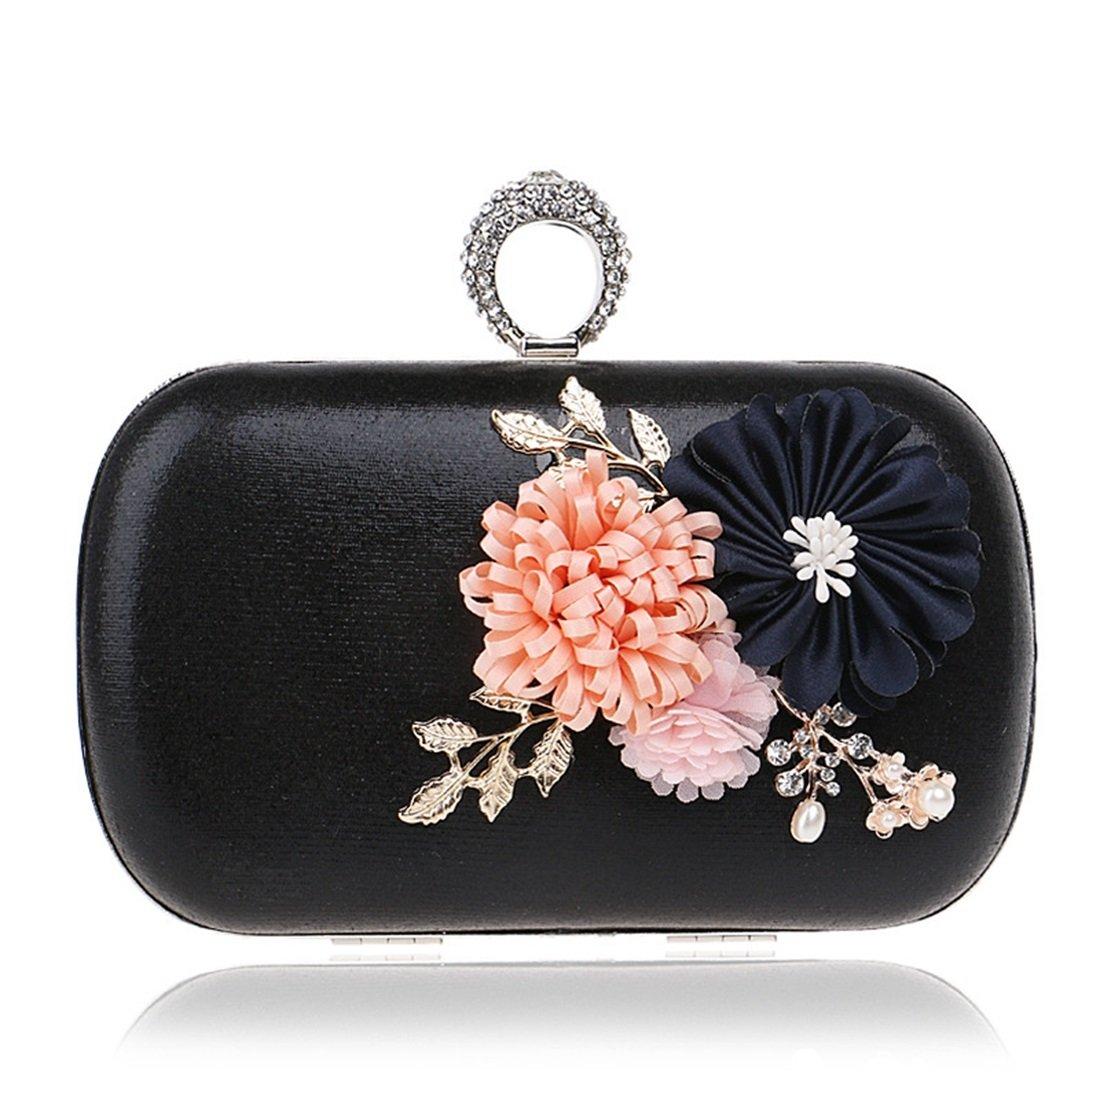 Lightlila Umhängetasche Umhängetasche Einfache Handgemachte Blaumen Clutch Abendtasche Handtasche Handtasche Handtasche (Farbe   schwarz) B07Q5V26Q5 Clutches Neuartiges Design df85ff